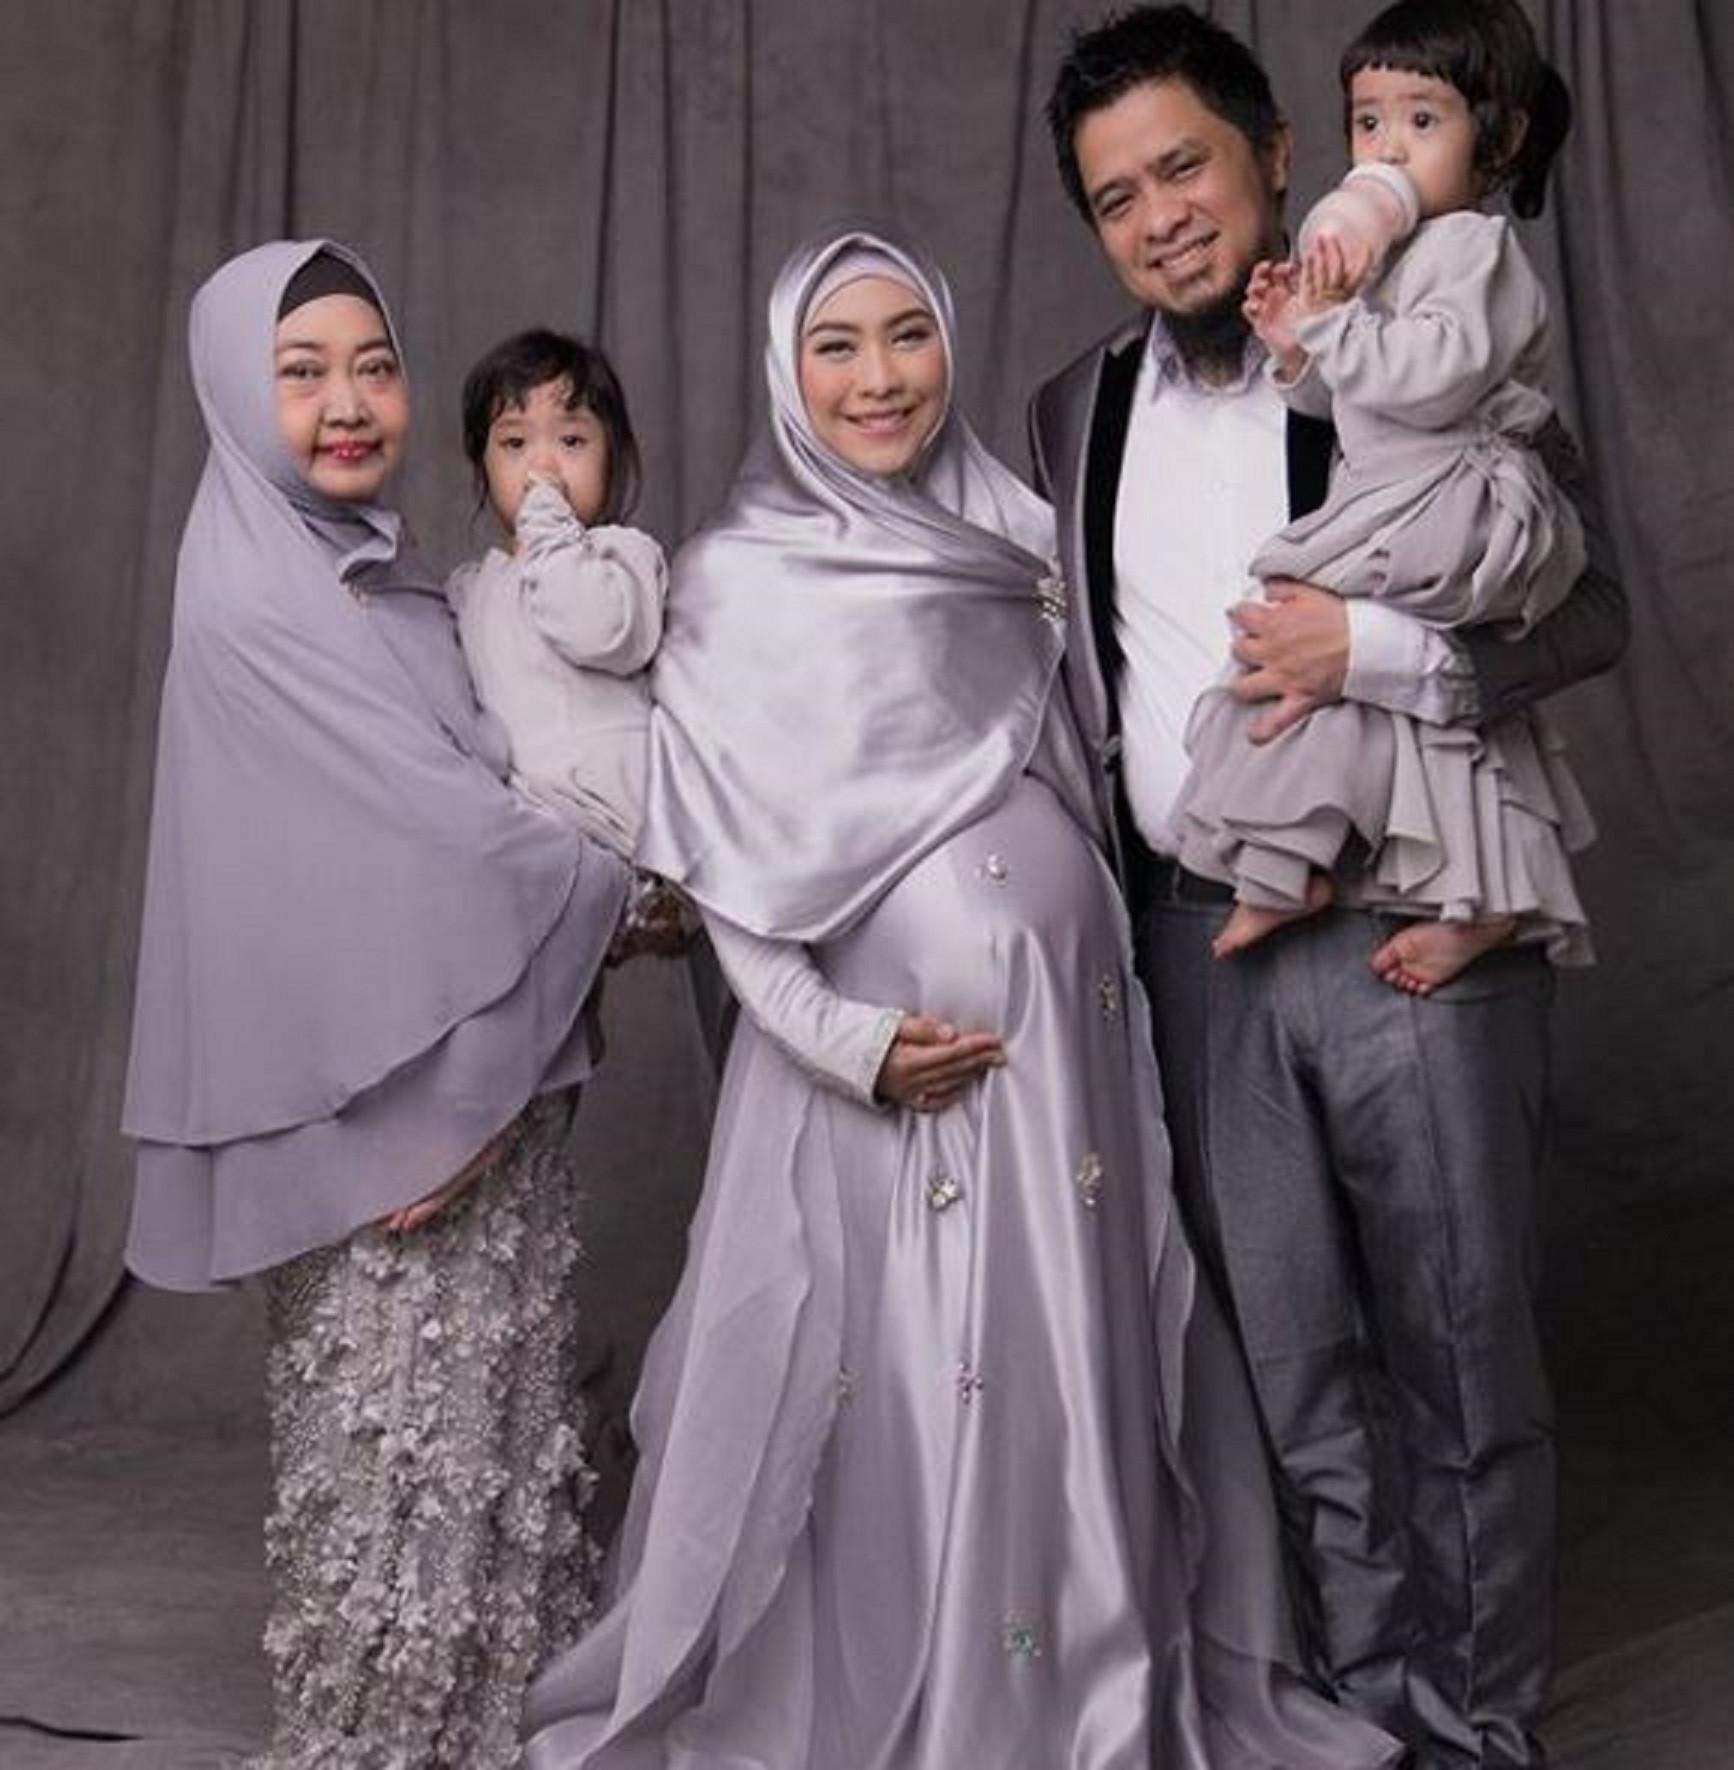 Oki Setiana Dewi foto bersama sebelum berangkat ke rumah sakit untuk menjalani persalinan (Instagram/@okisetianadewi)